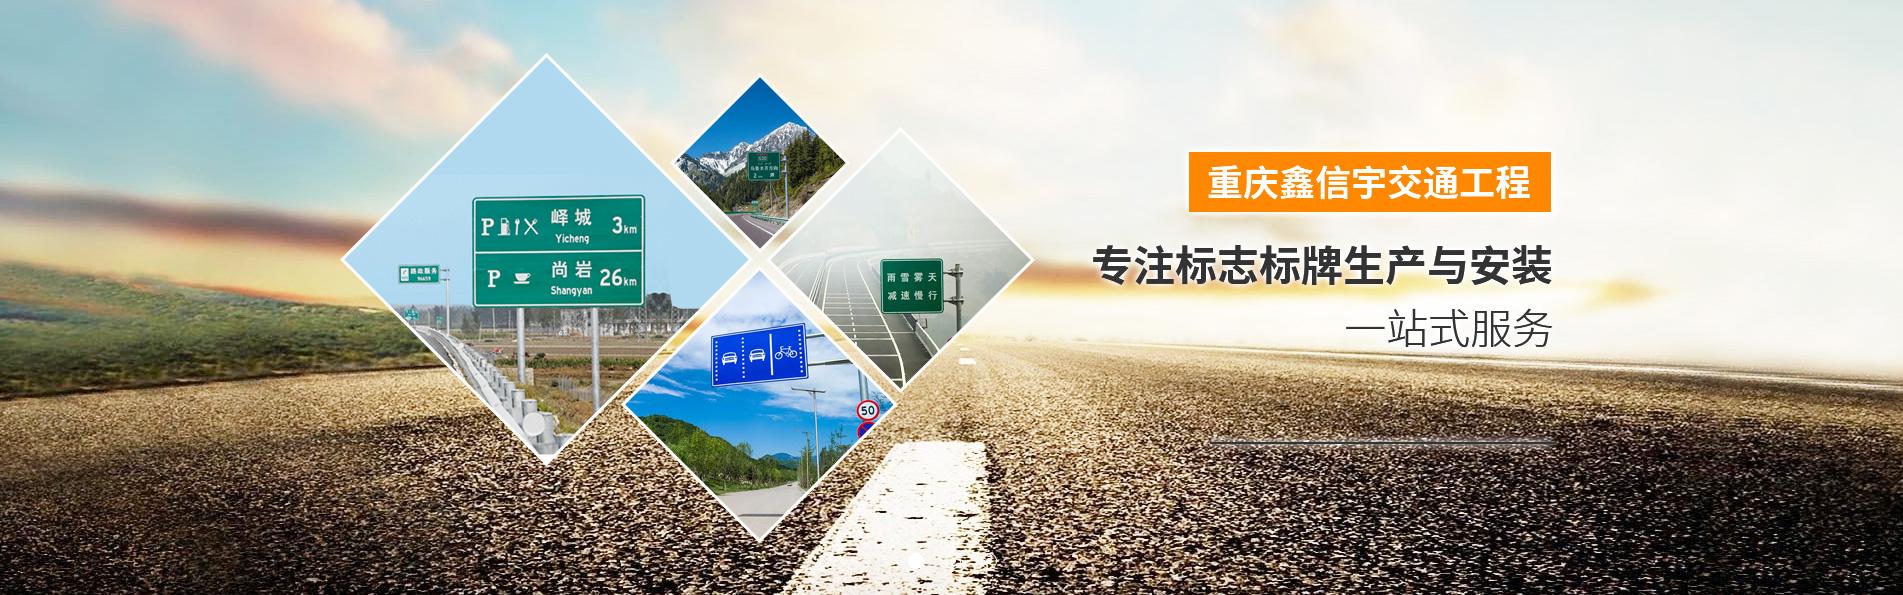 重庆交通标志牌制作